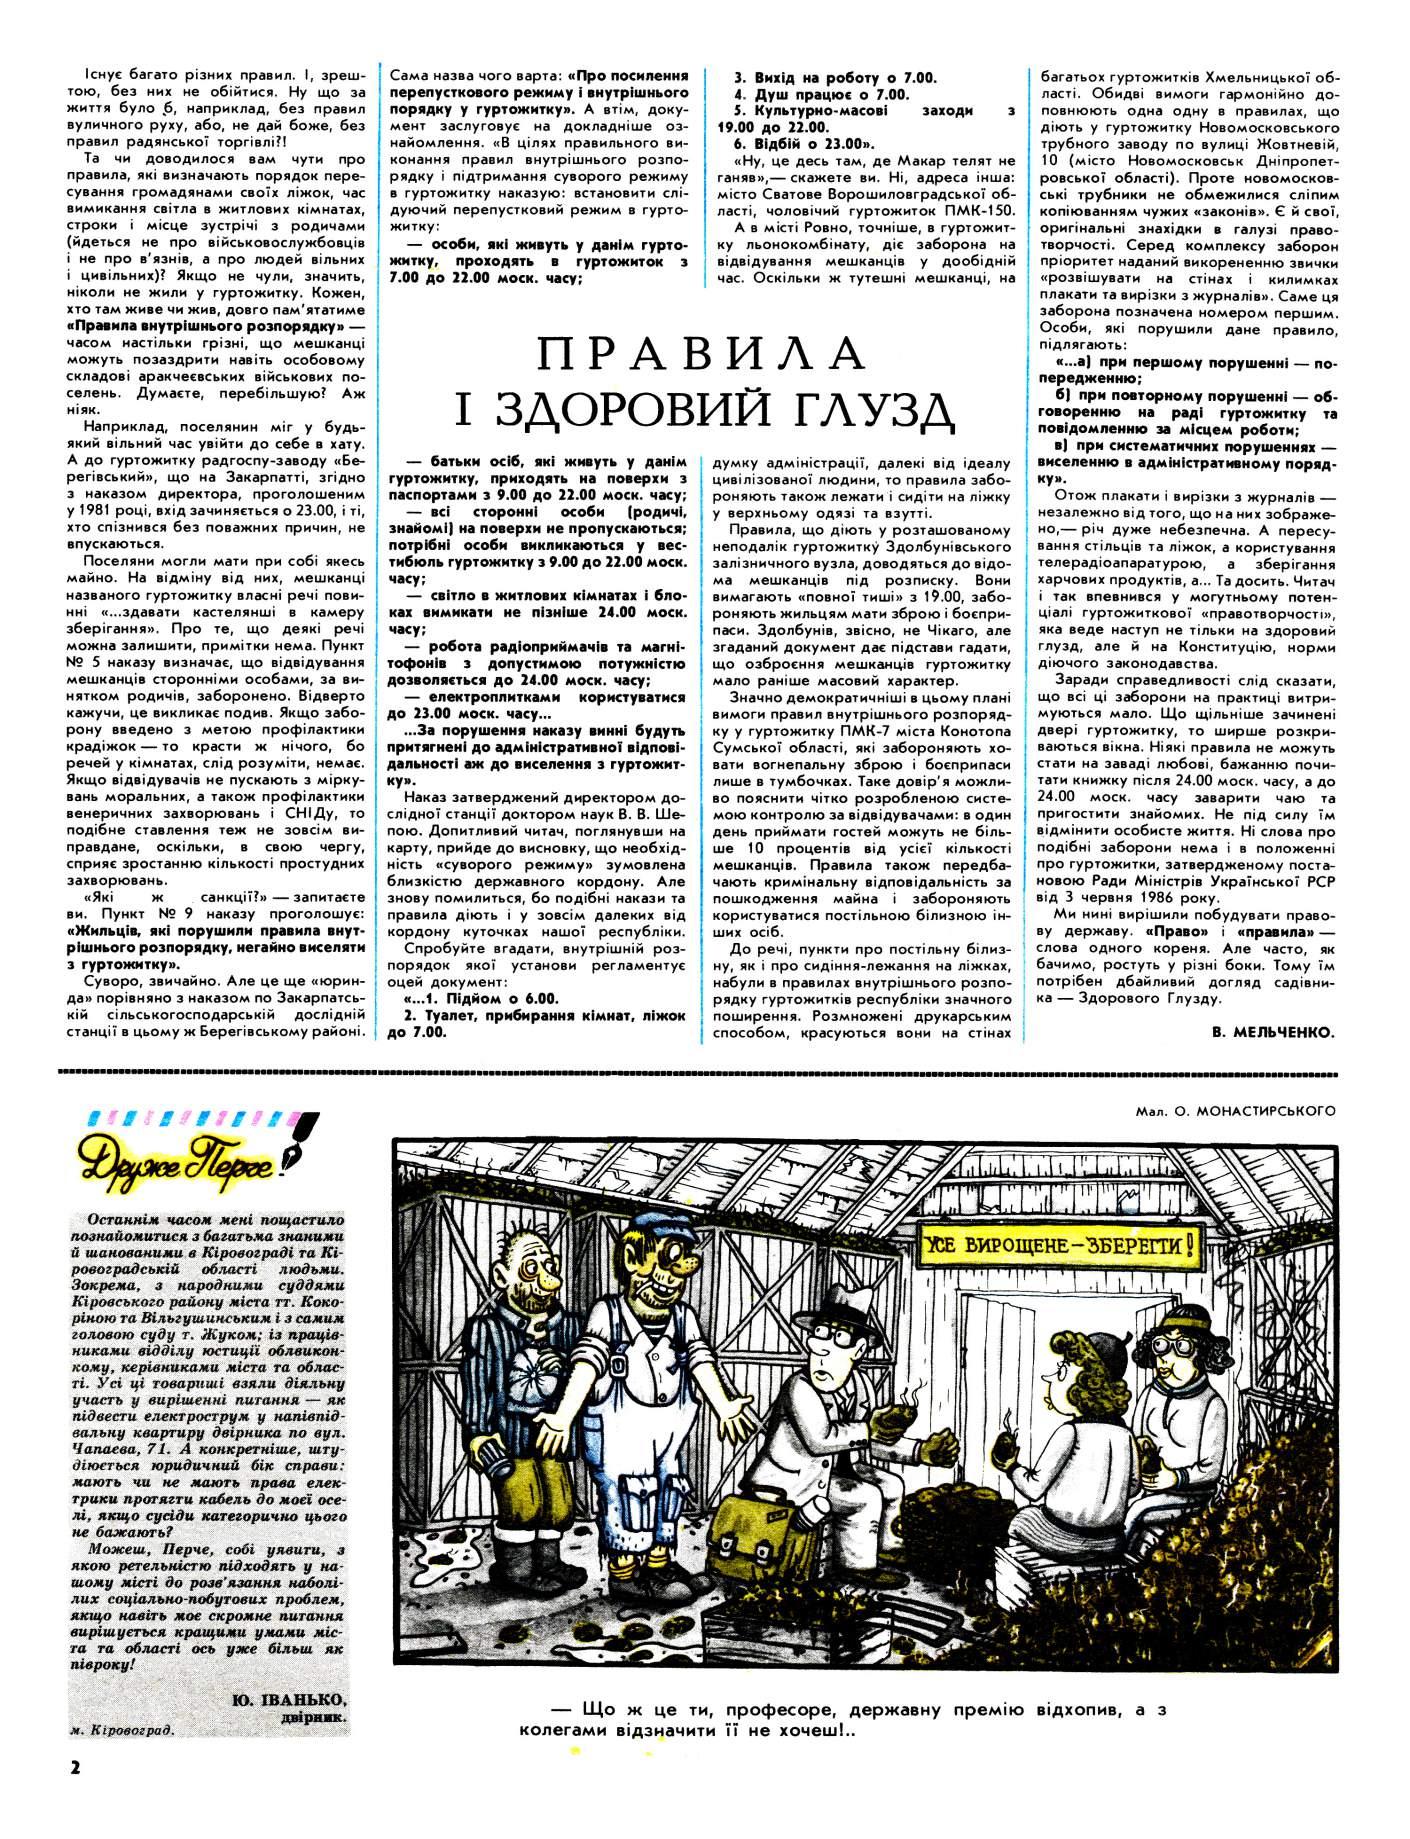 Журнал перець 1989 №09